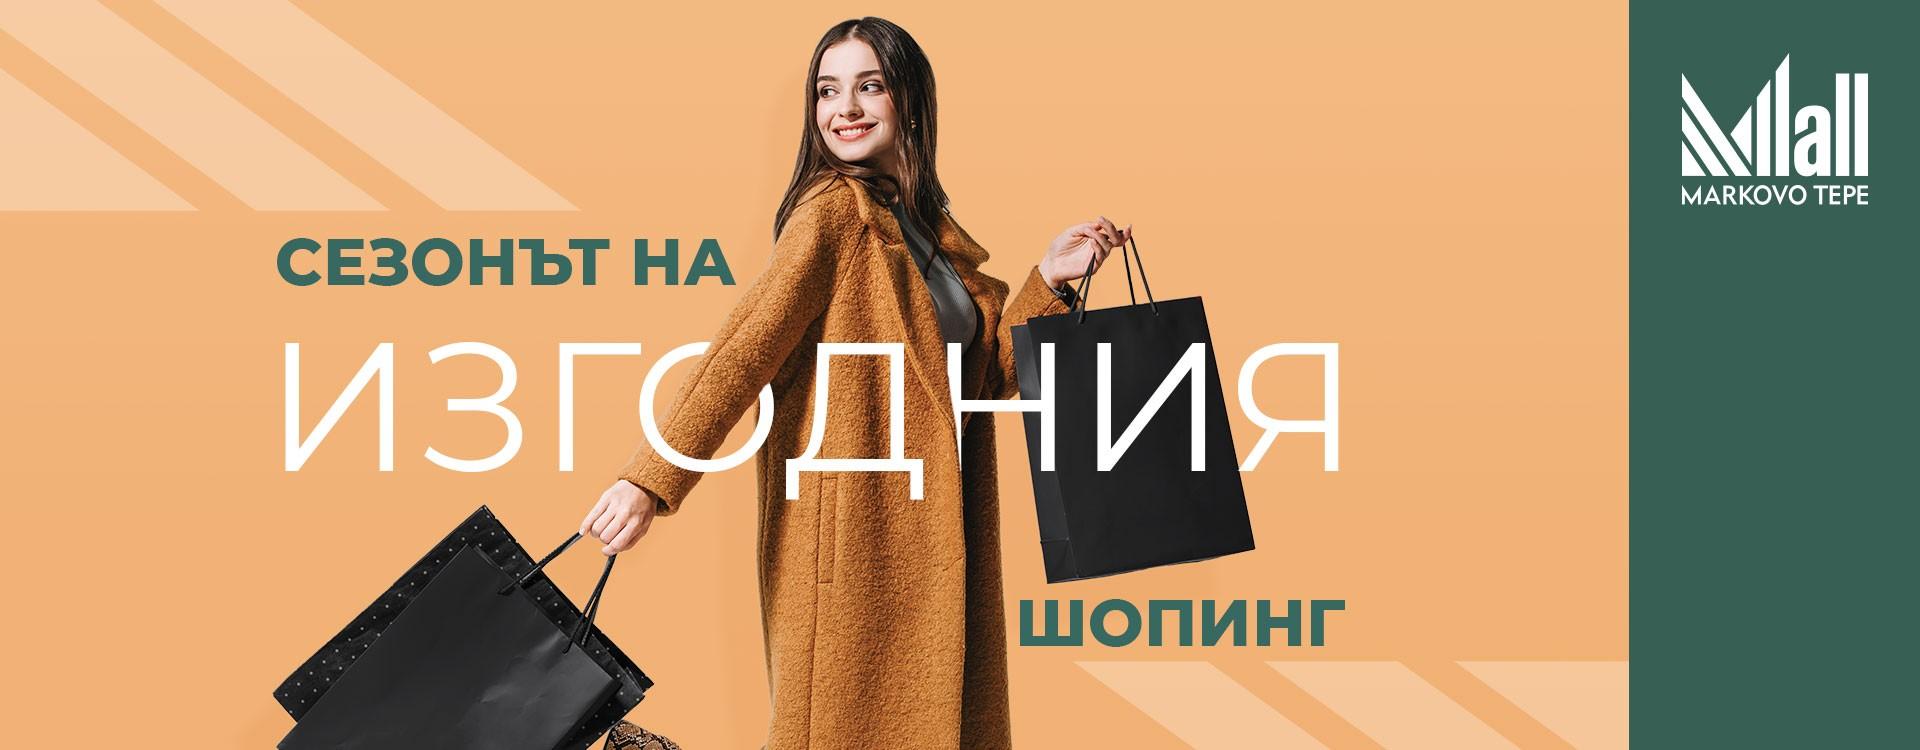 Сезонът на изгодния шопинг